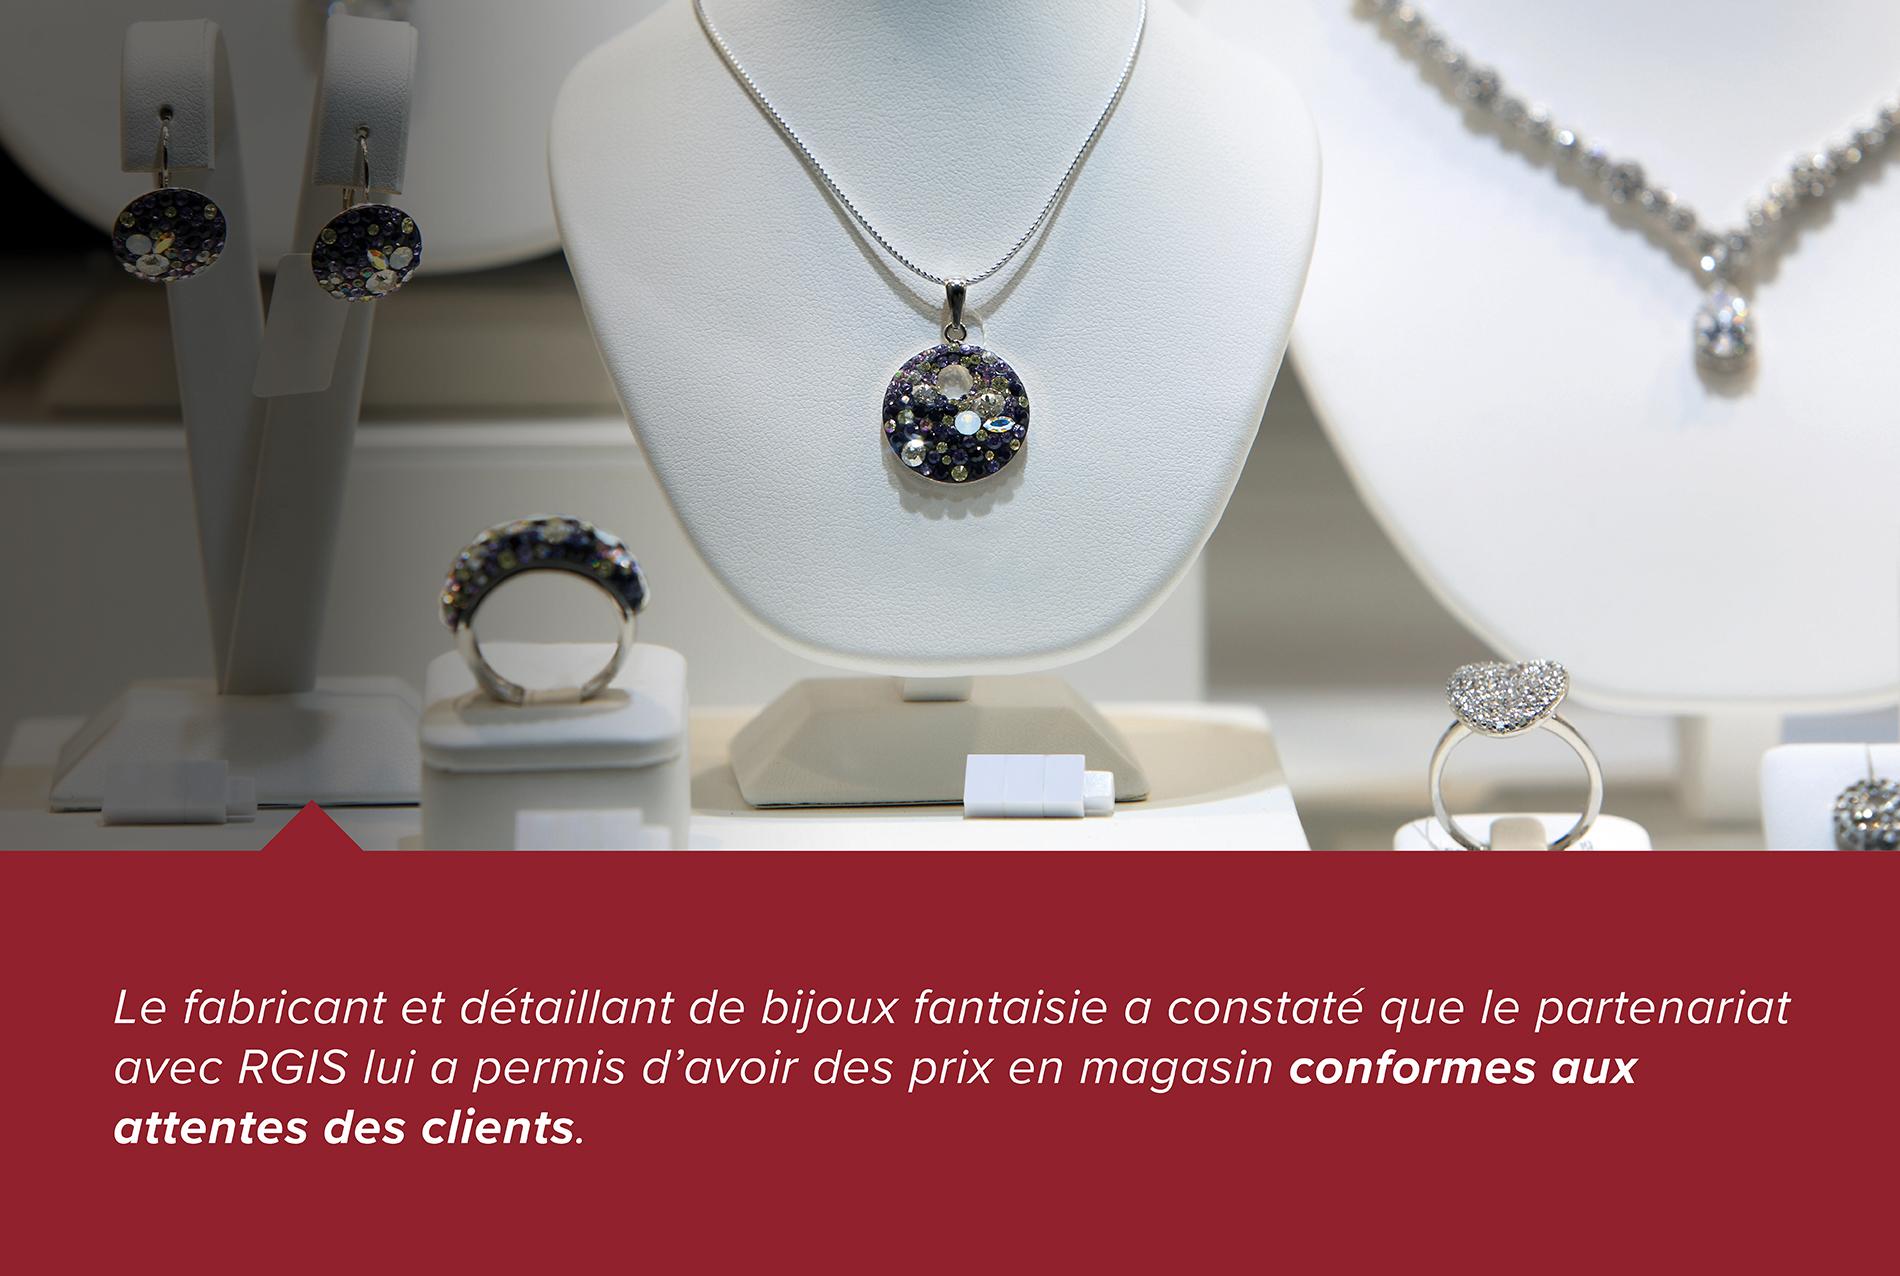 Étude de cas RGIS d'un détaillant de bijoux vérifiant le stock et les prix